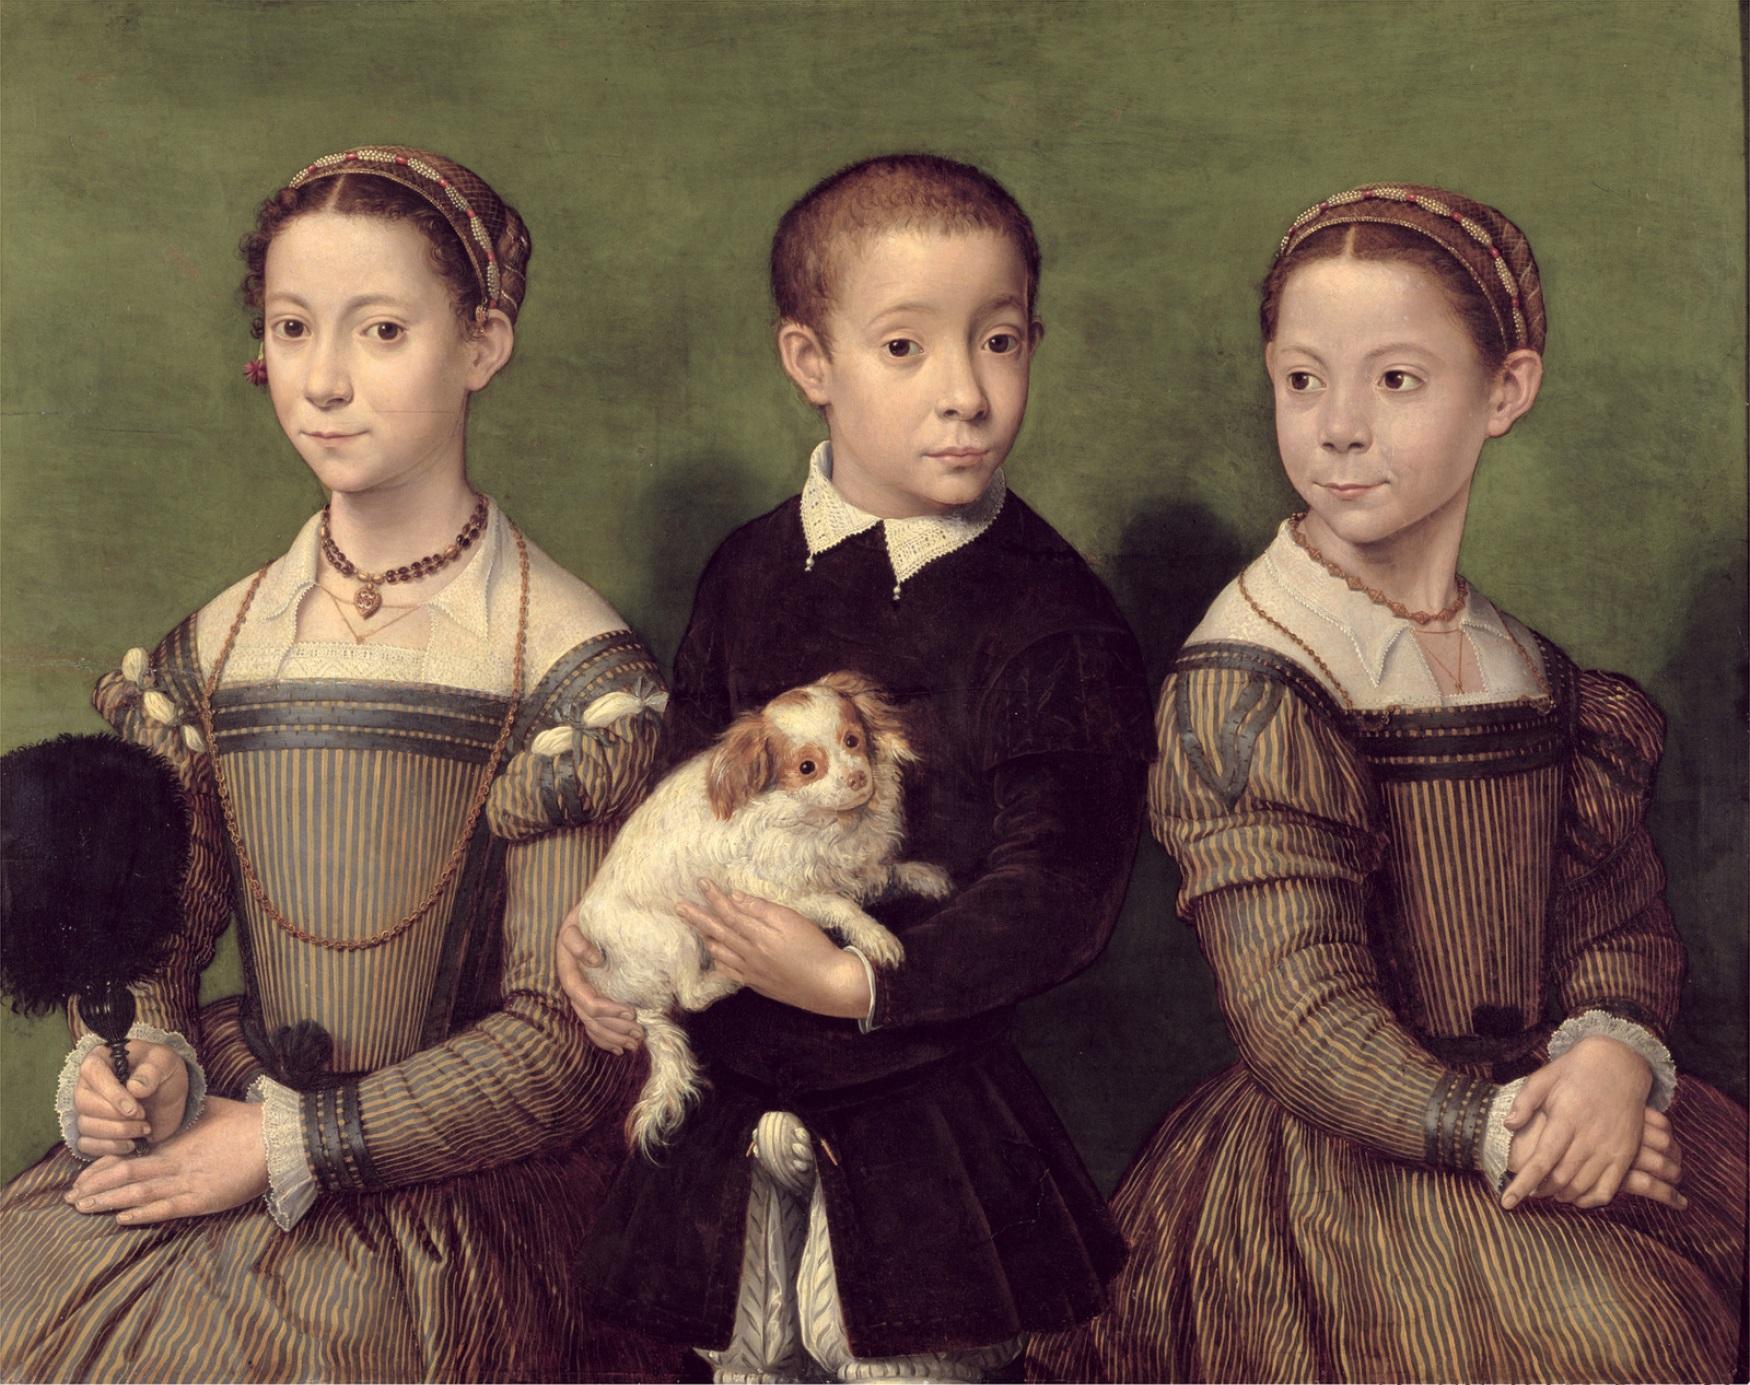 Tre bambini con cane (1570-1590) di Sofonisba Anguissola